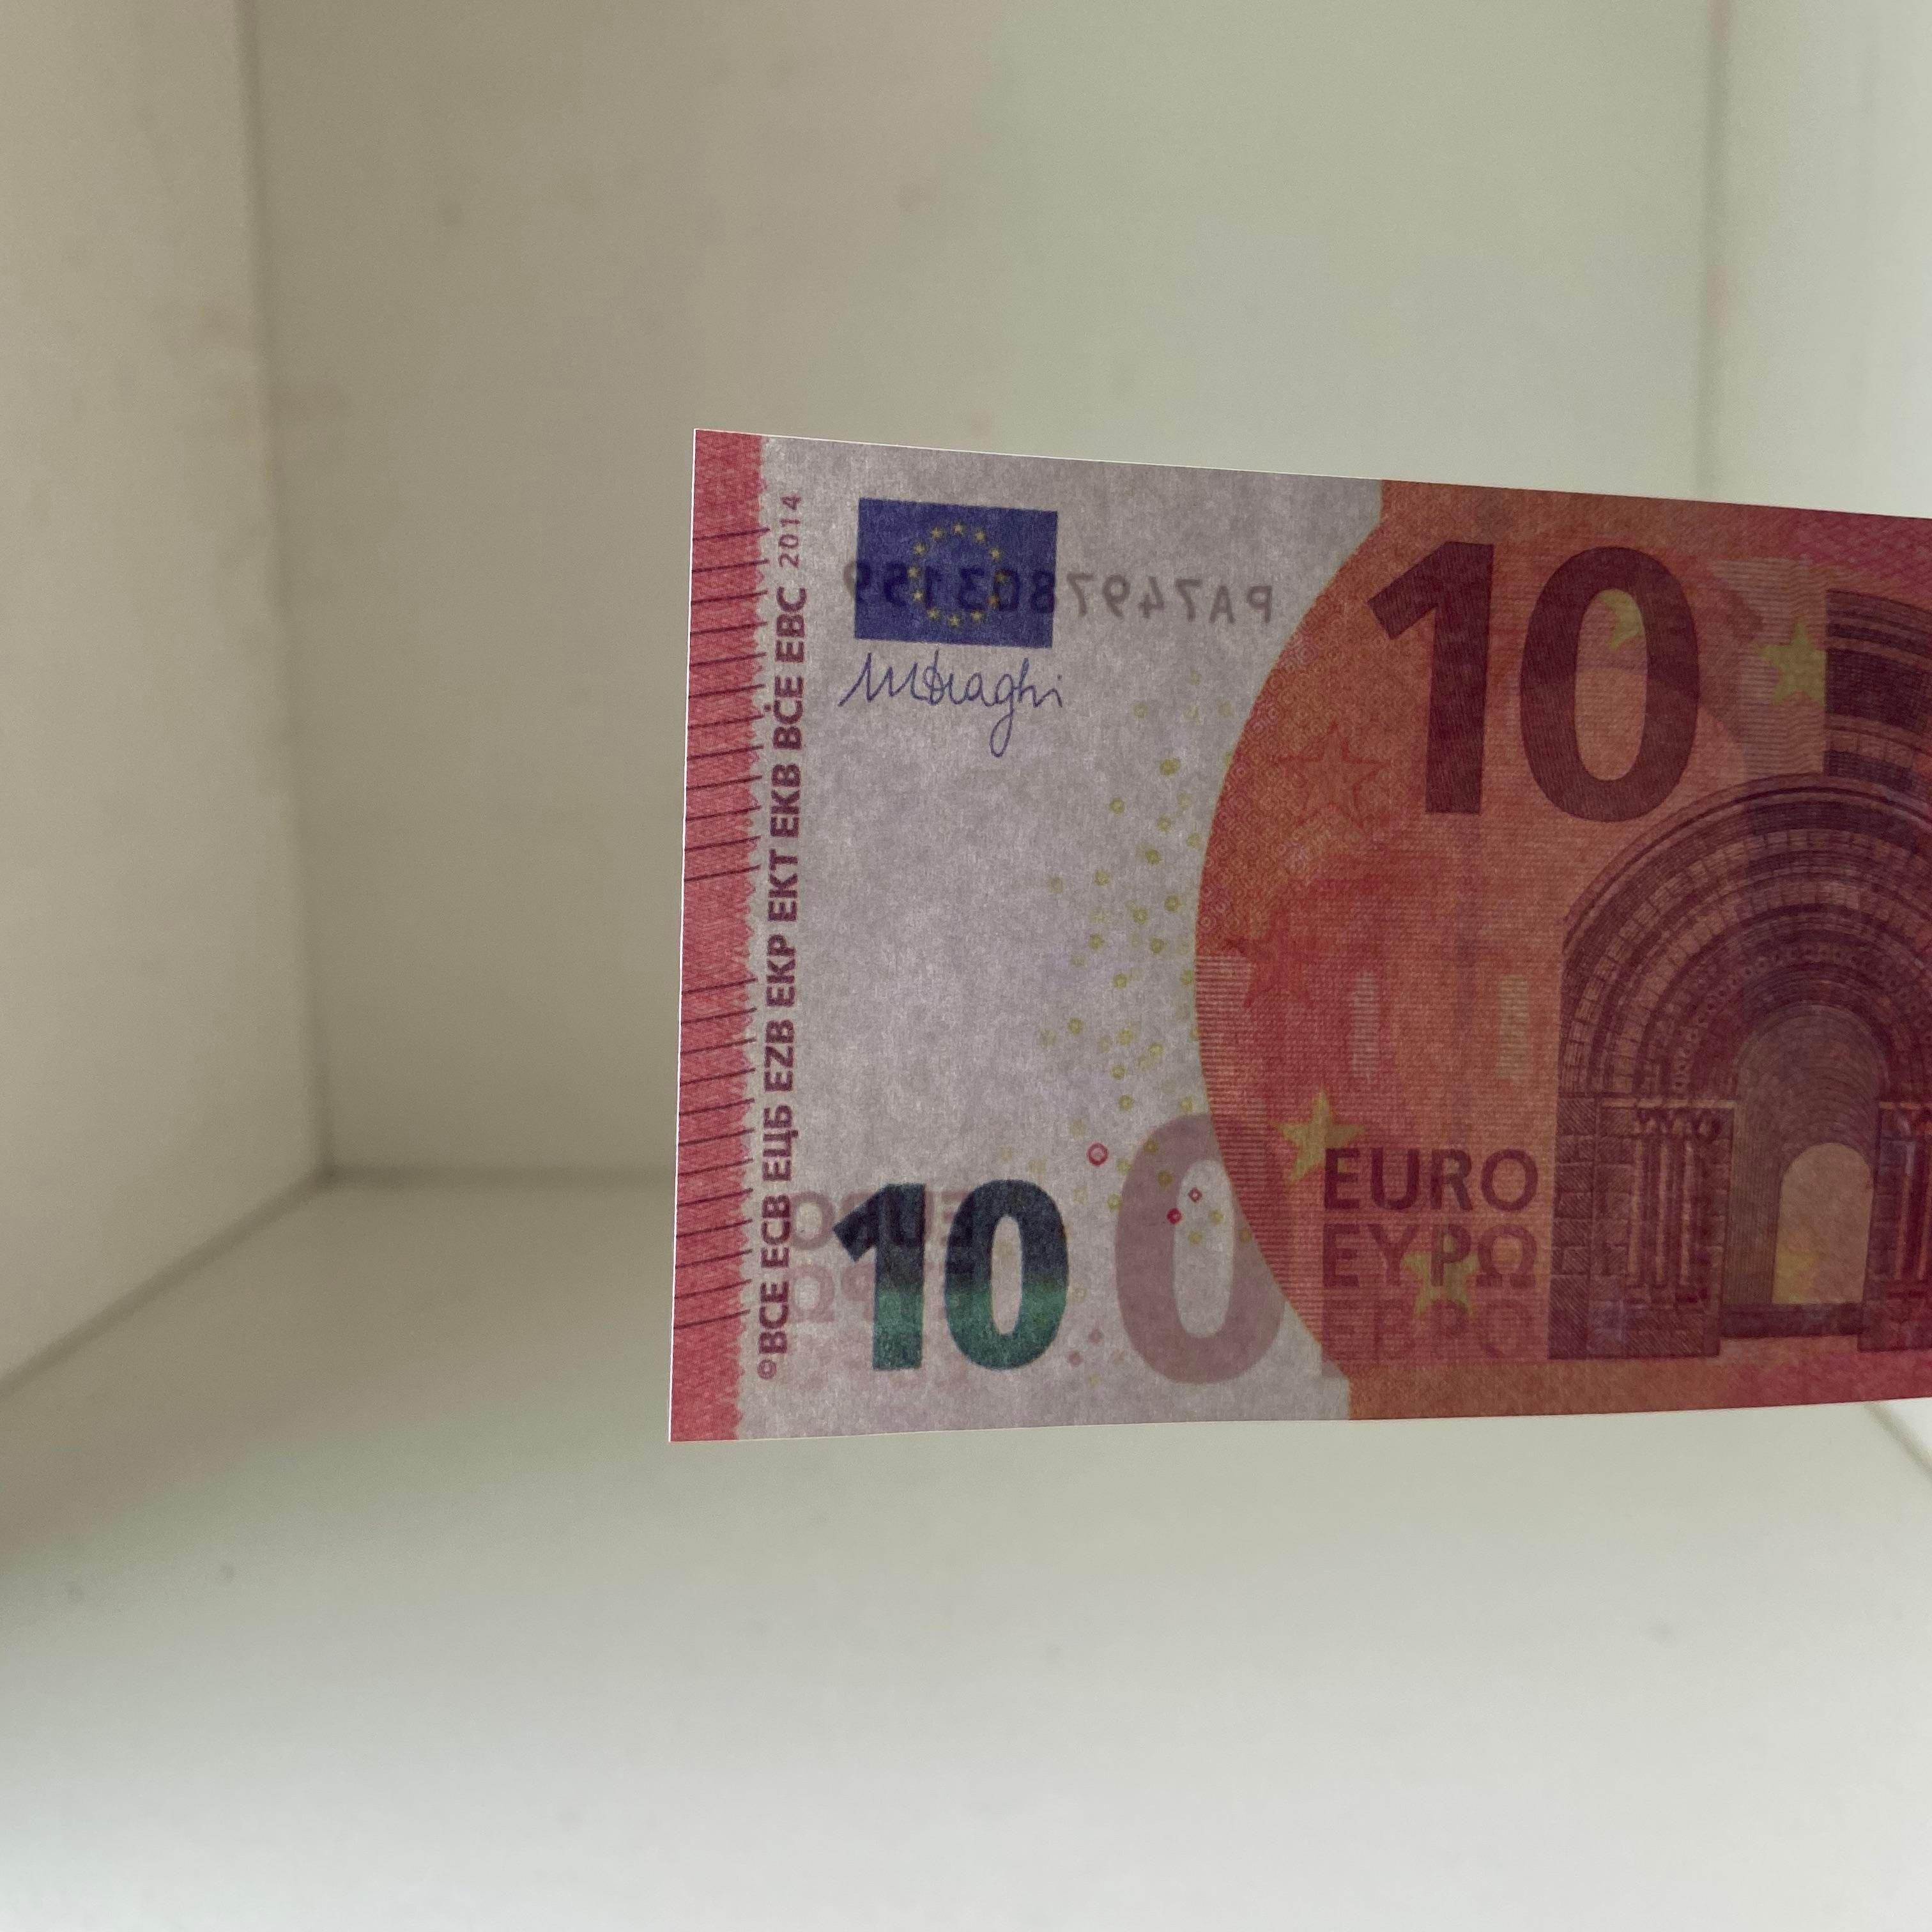 000 NightClub Искусственный высококачественный реквизит бар Притворись поддельные и деньги деньги евро деньги кино 10 заготовки заготовки евро играть коллекция поддельных подарков QRFN